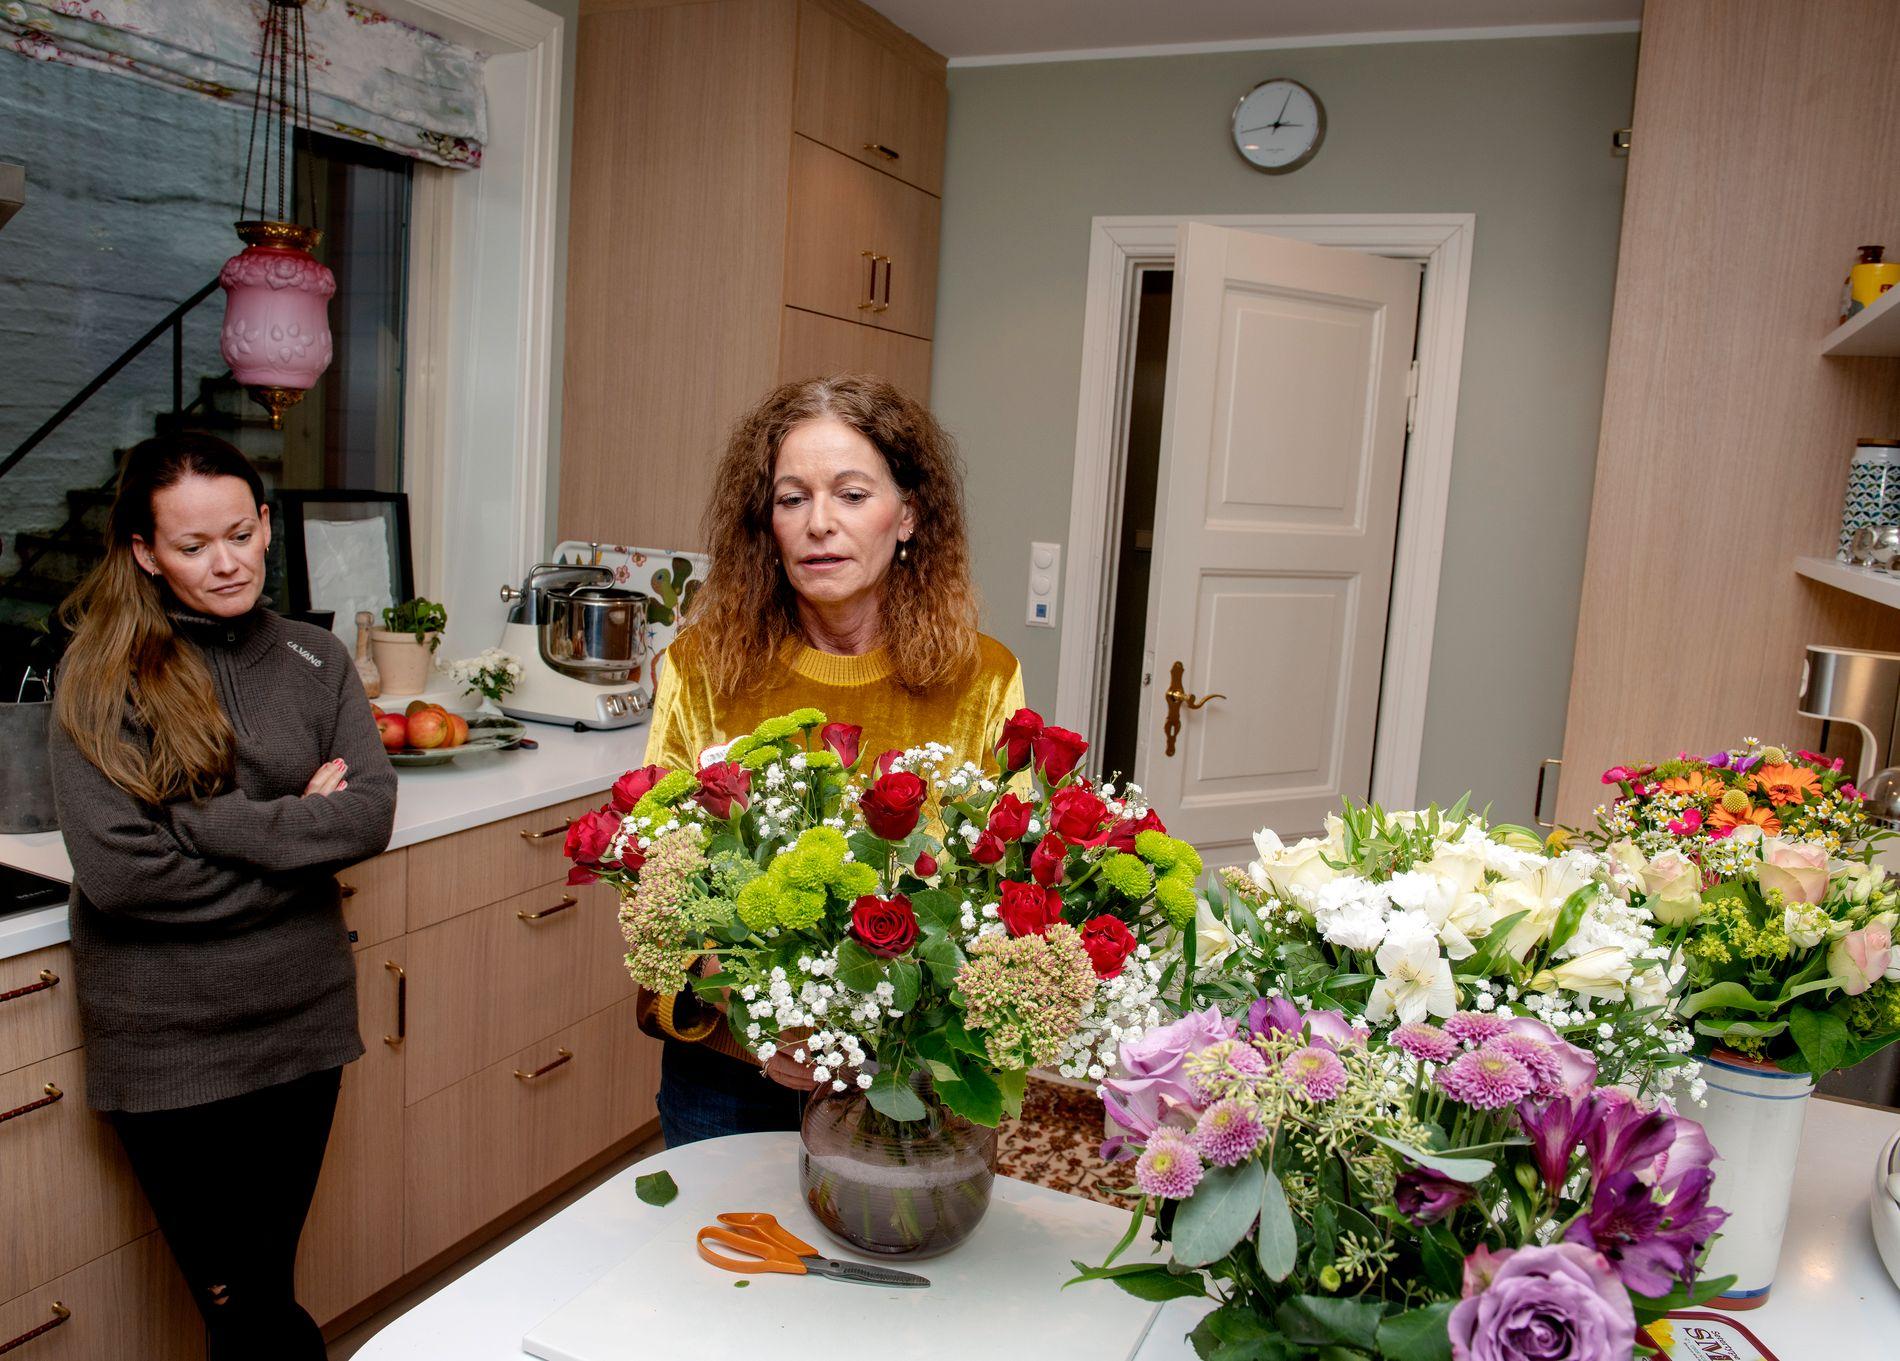 STØTTE AV DATTEREN: Kari Lossius er sjokkert over behandlingen hun har fått av sin arbeidsgiver Bergensklinikken. Men datteren Hanne Heszlein-Lossius er en god støtte.